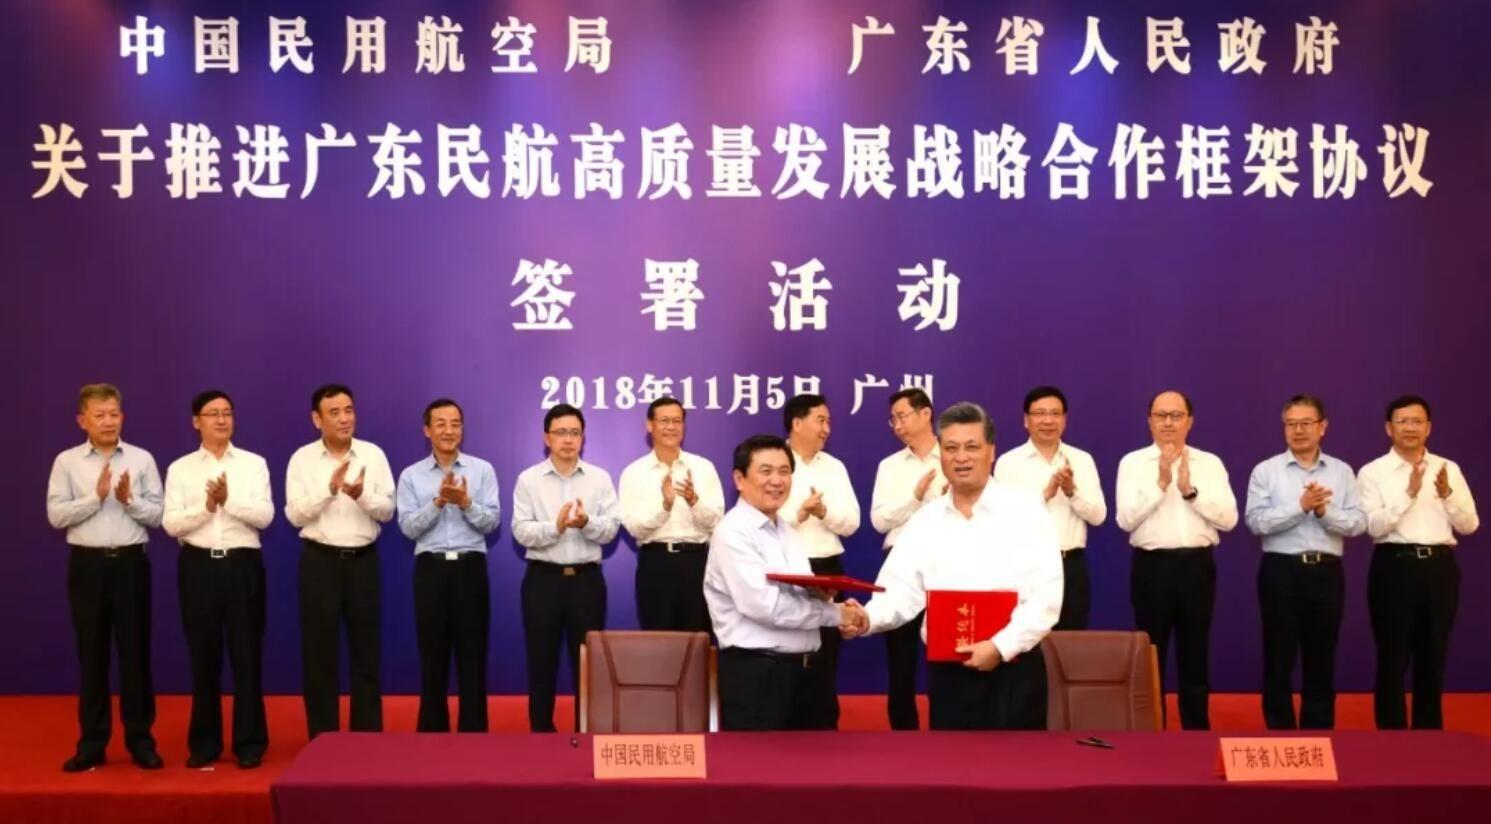 民航局與廣東省政府簽署戰略合作框架協議